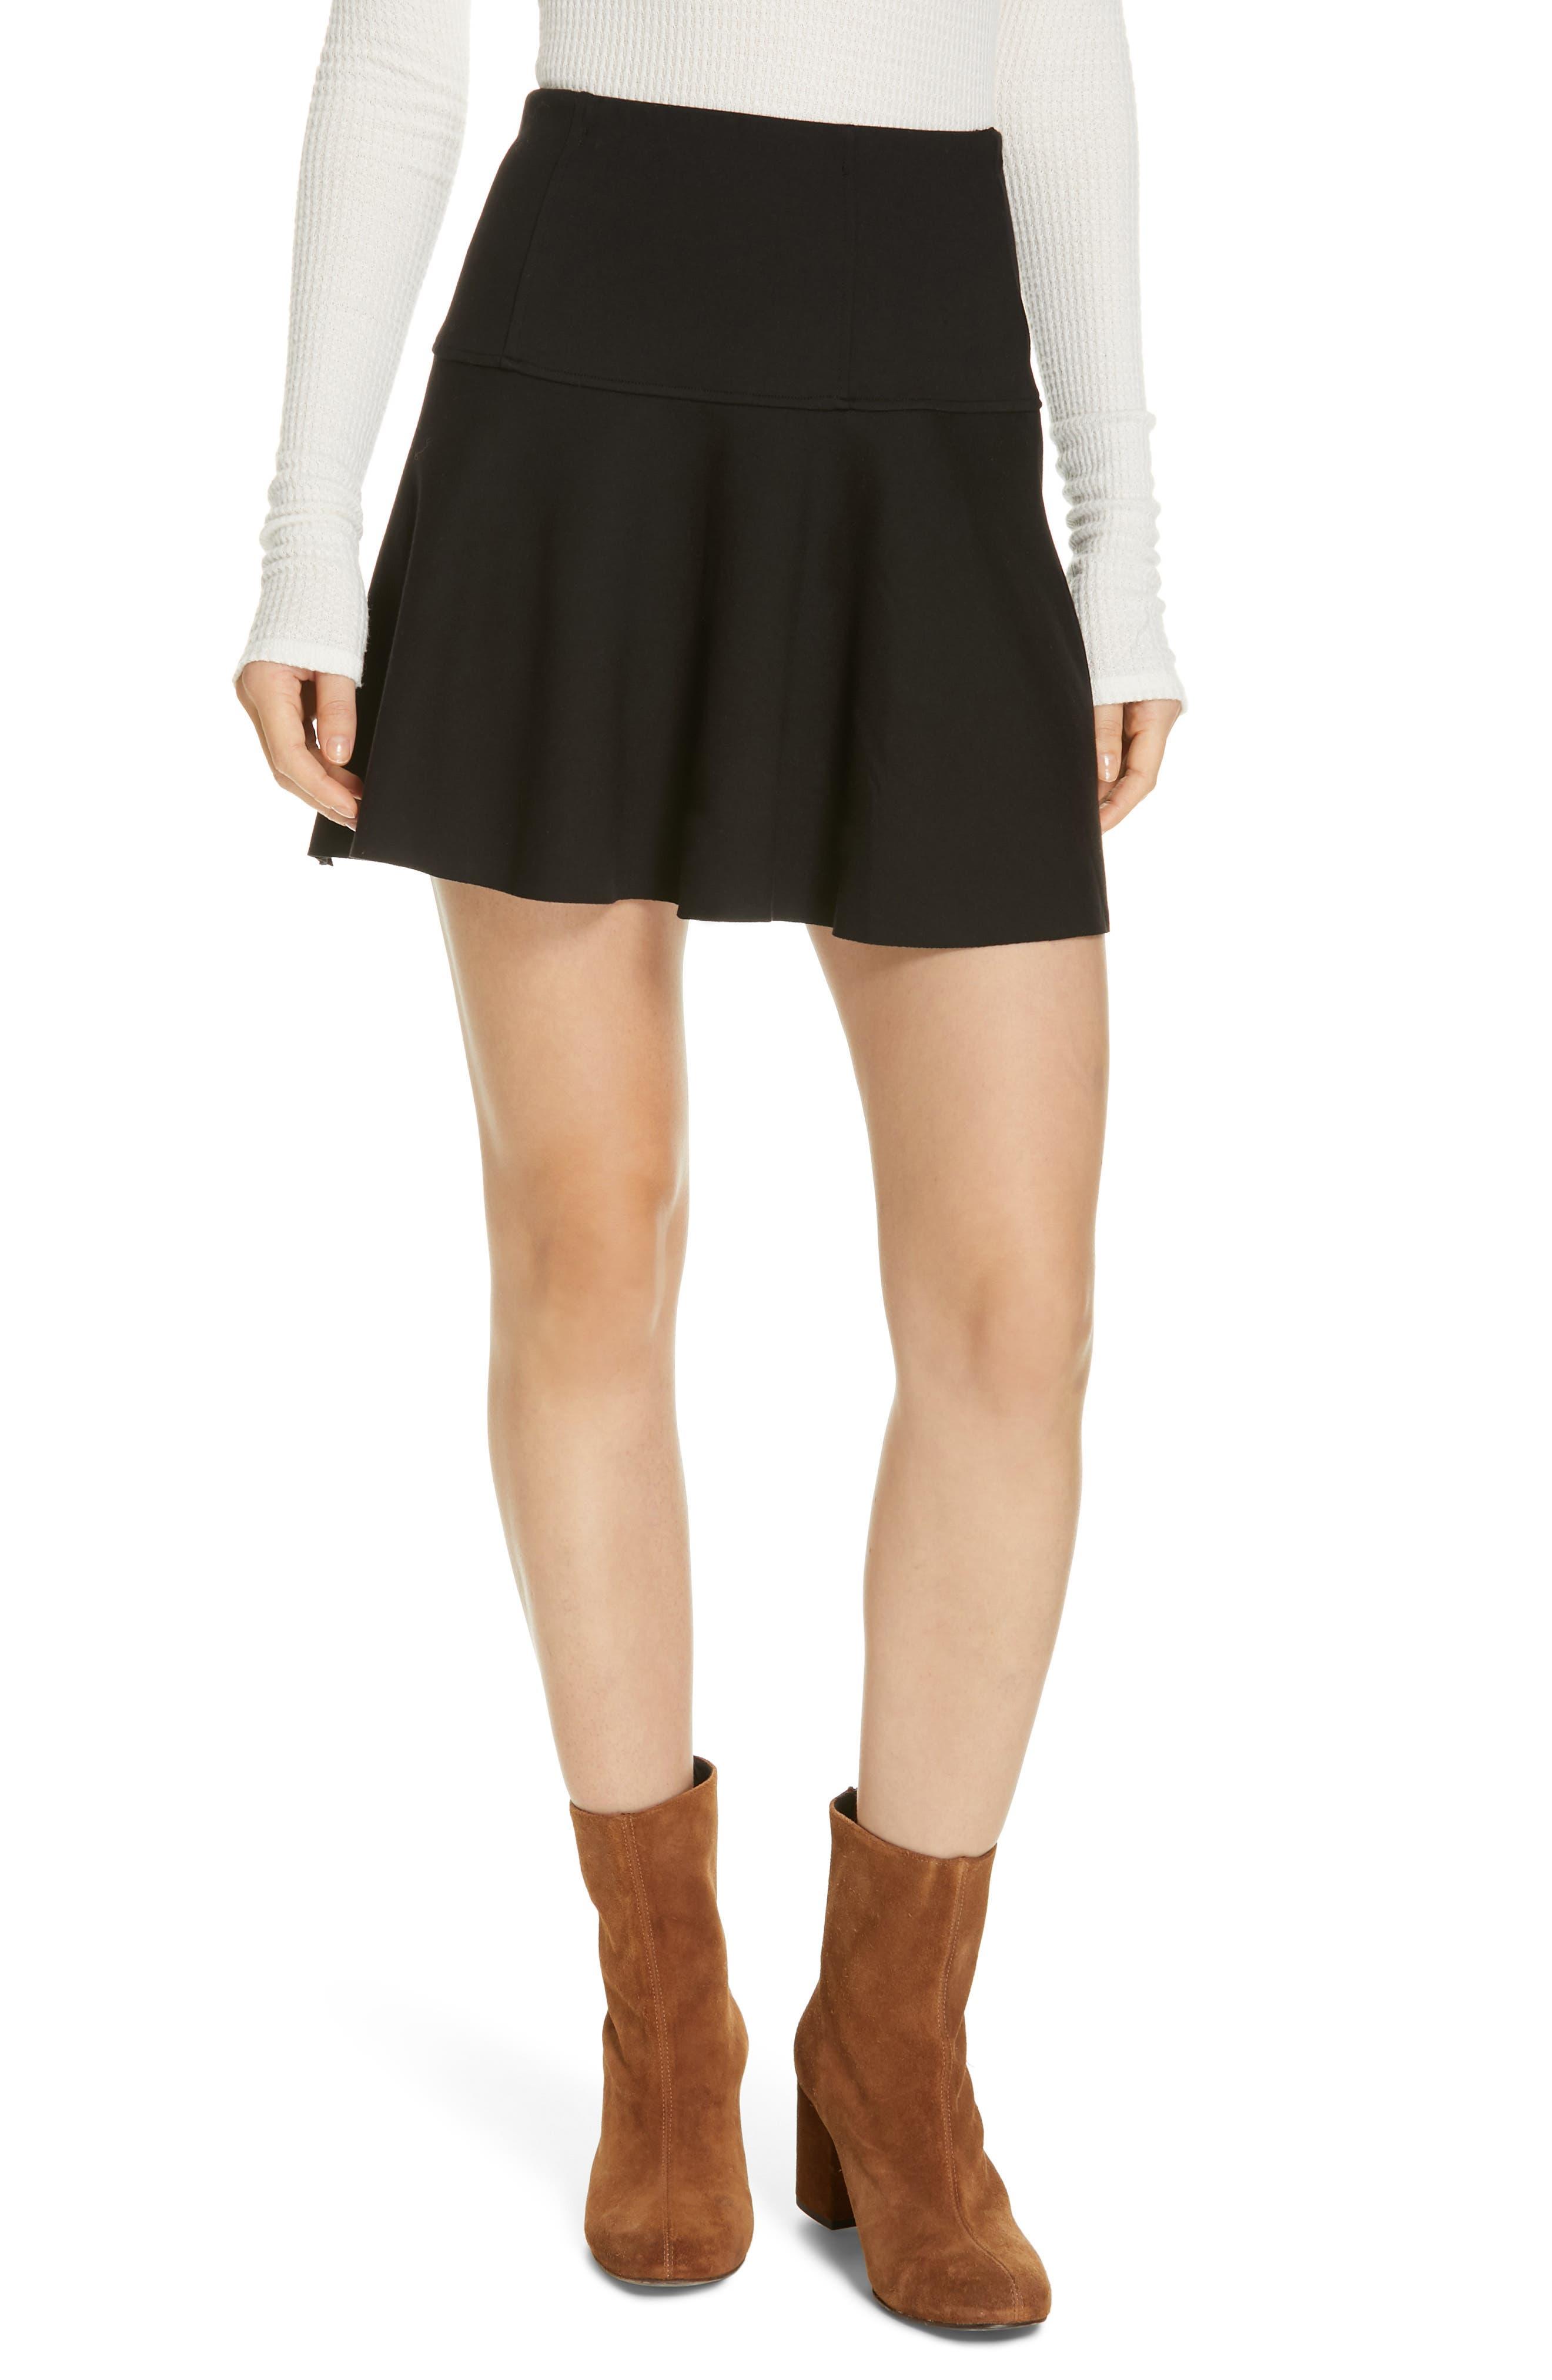 Free People Highlands Miniskirt, Black